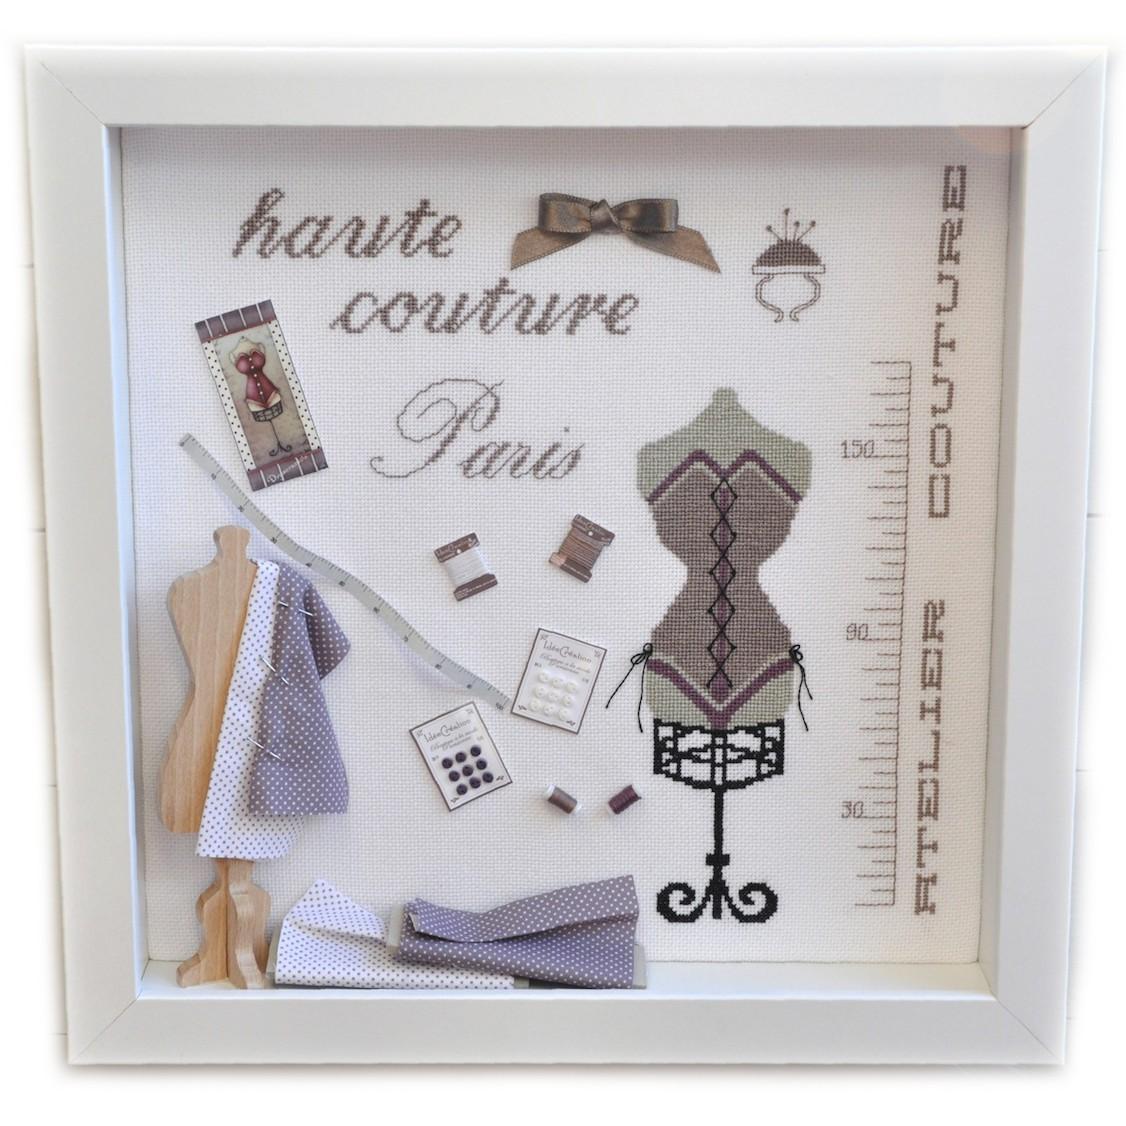 Vitrine haute couture kit complet de broderie au point - Broderie point compte grille gratuite ...